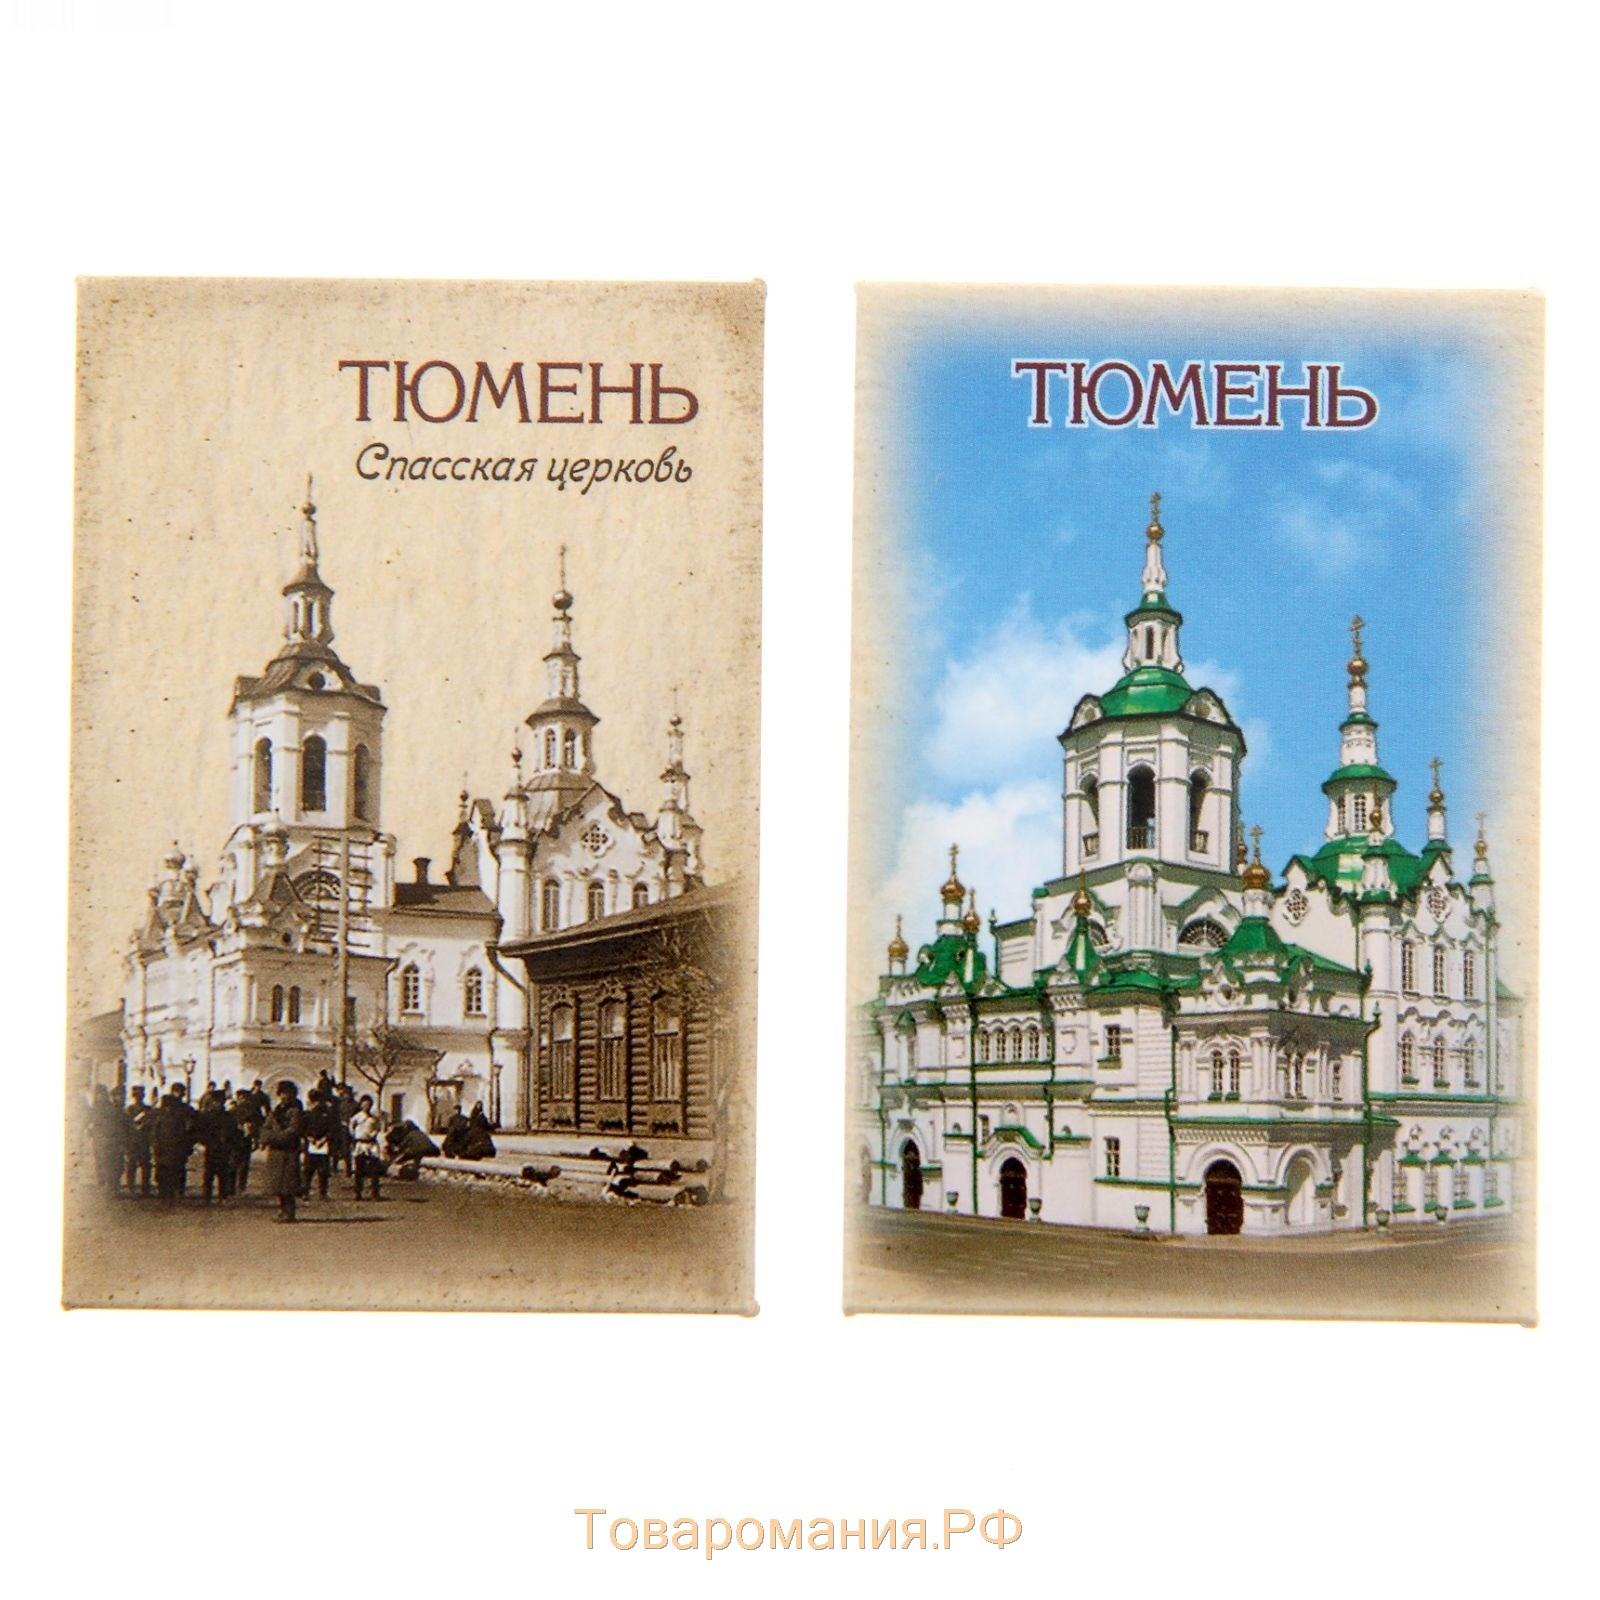 Где можно посмотреть разнообразные открытки в тюмени, марта